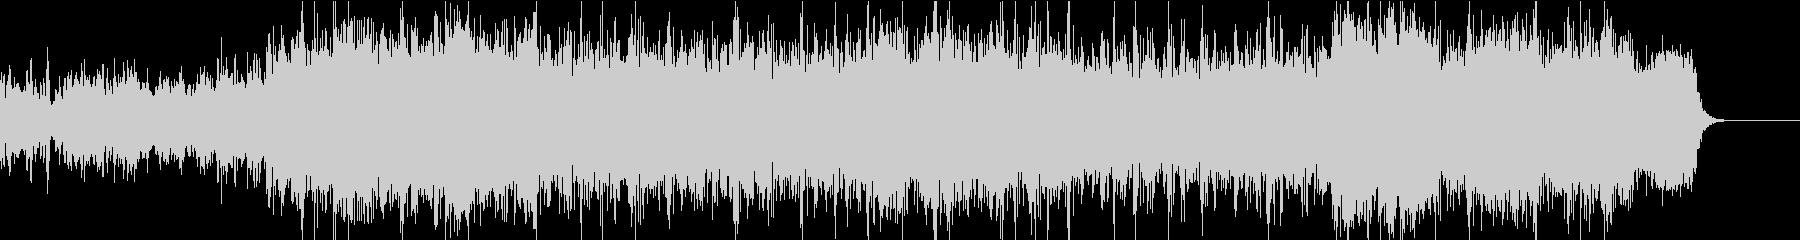 緊迫シーン オーケストラとクワイヤの未再生の波形